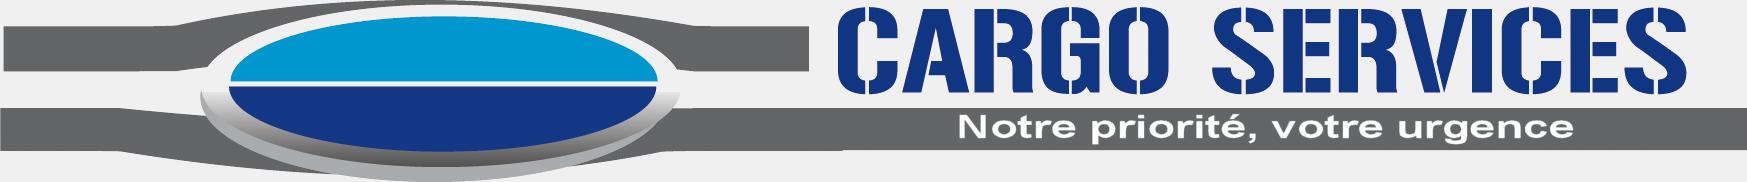 Cargo Services, Logistique de transport - Spécialiste du transport aérien et maritime